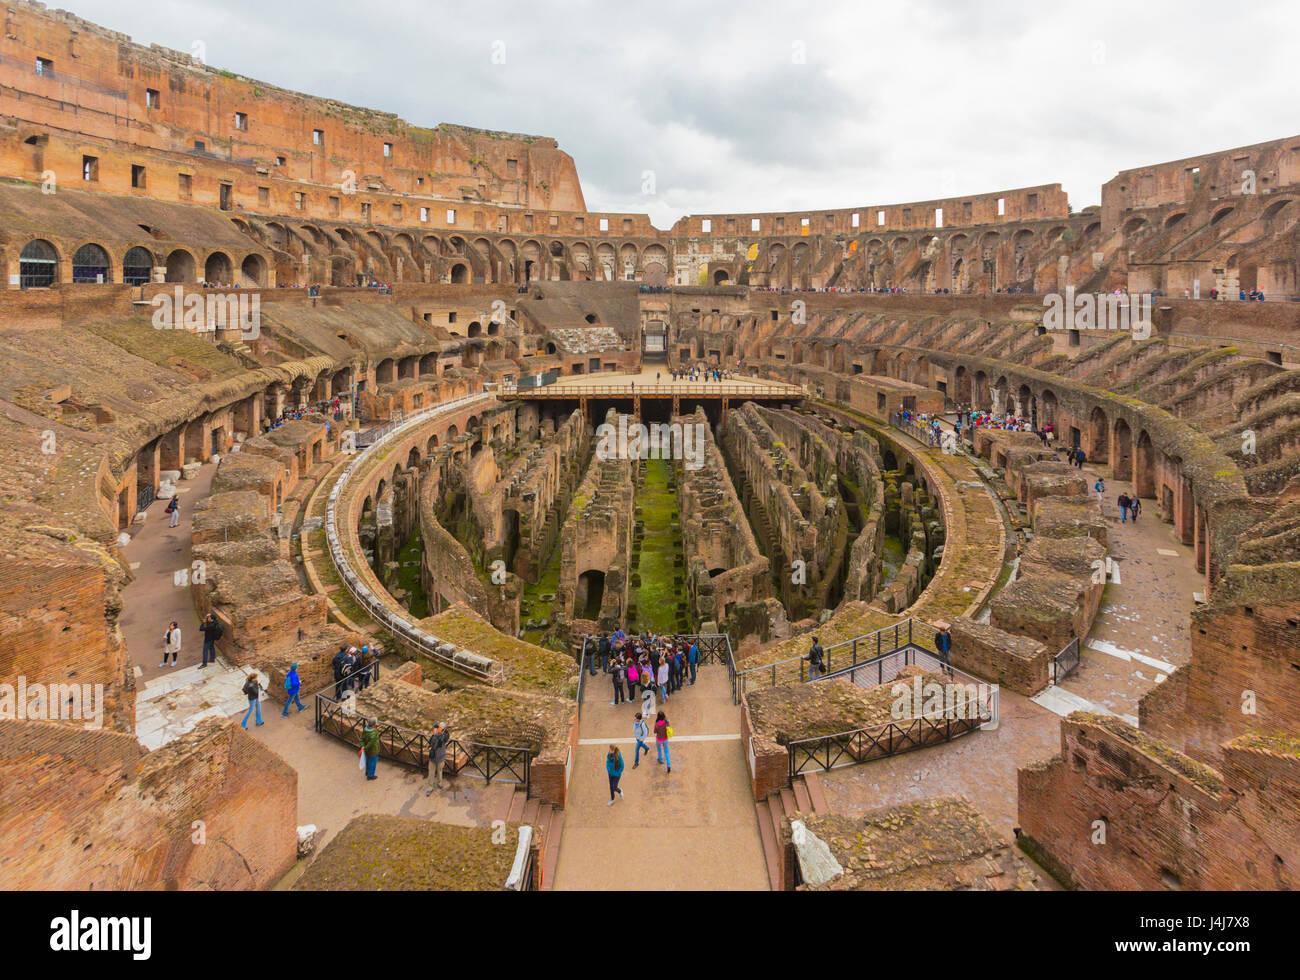 Rom, Italien.  Innenraum des Kolosseums. Das historische Zentrum von Rom ist ein UNESCO-Weltkulturerbe. Stockbild